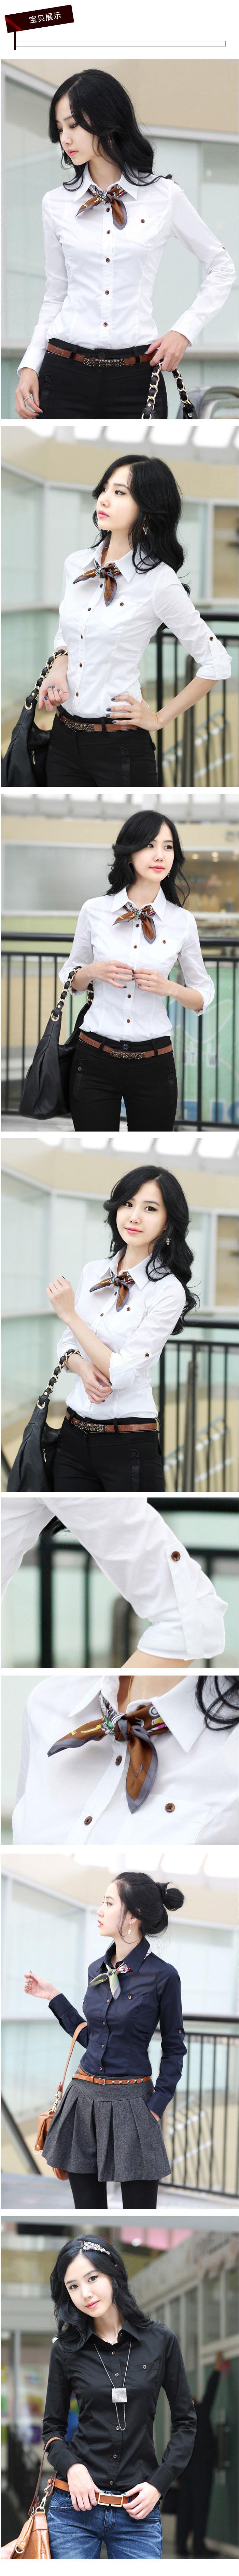 เสื้อเชิ้ตทำงานชุดฟอร์มพนักงานบริษัทราคาส่ง นำเข้า ไซส์Sถึง2XL สีขาว - พรีออเดอร์MI503 ราคา 550 บาท